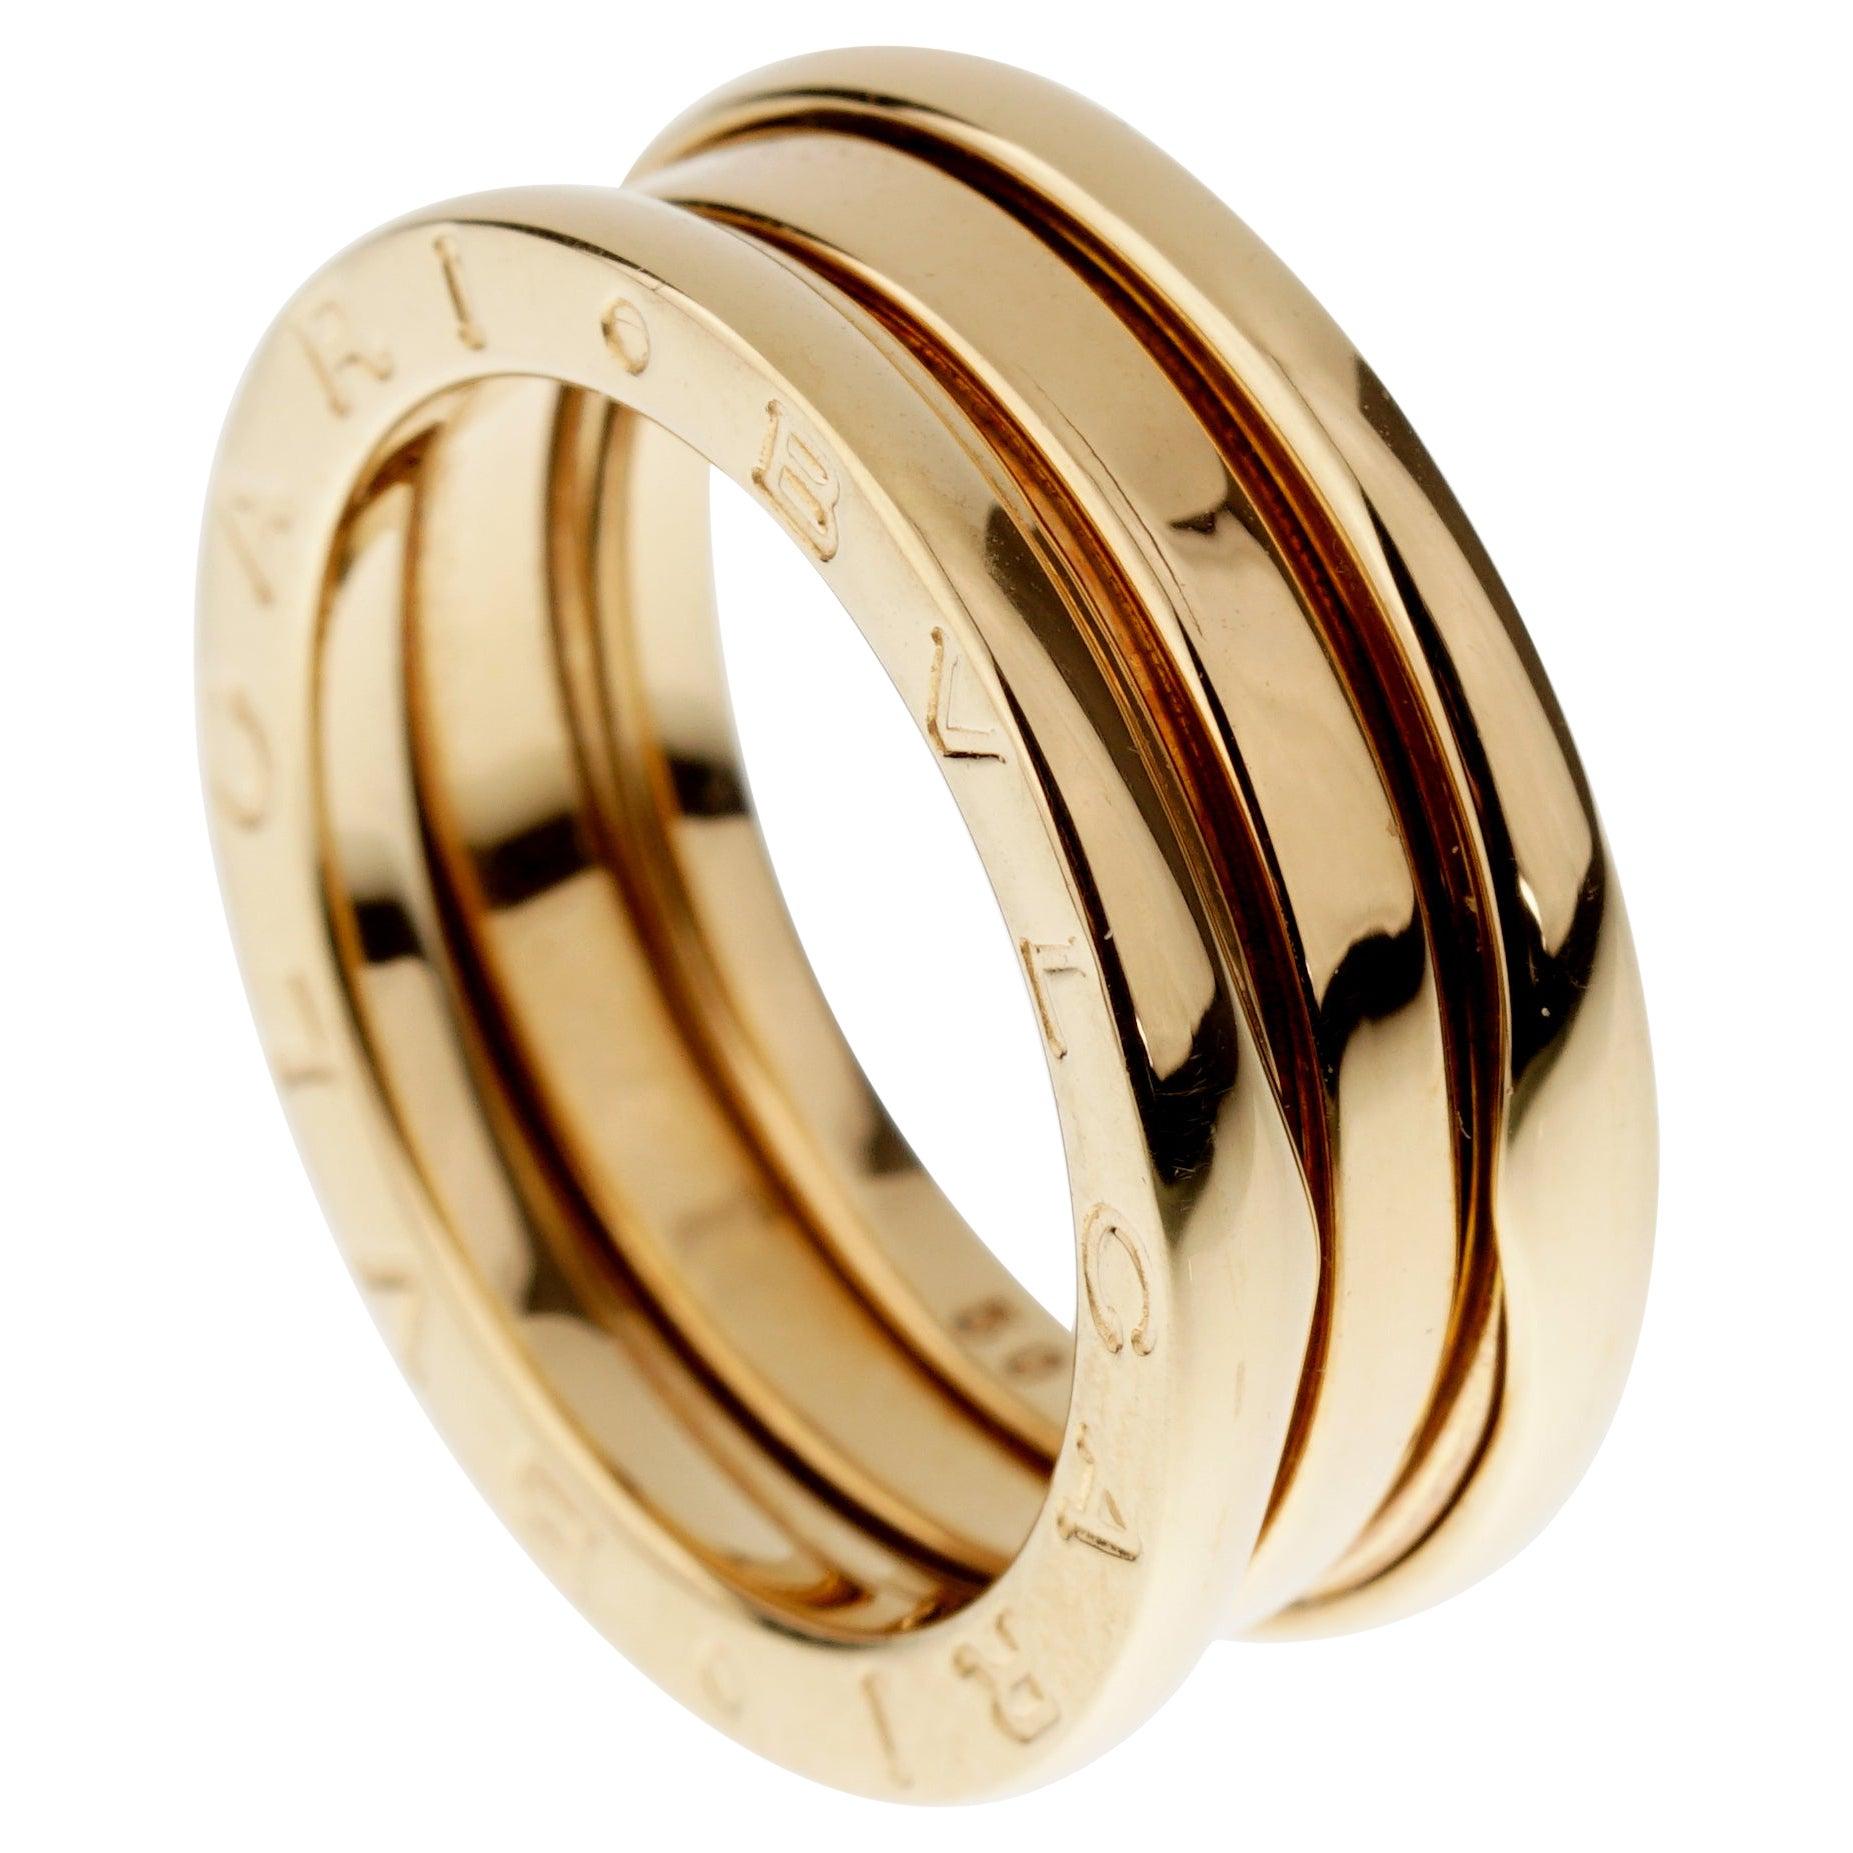 Bvlgari Bzero1 Yellow Gold Band Ring